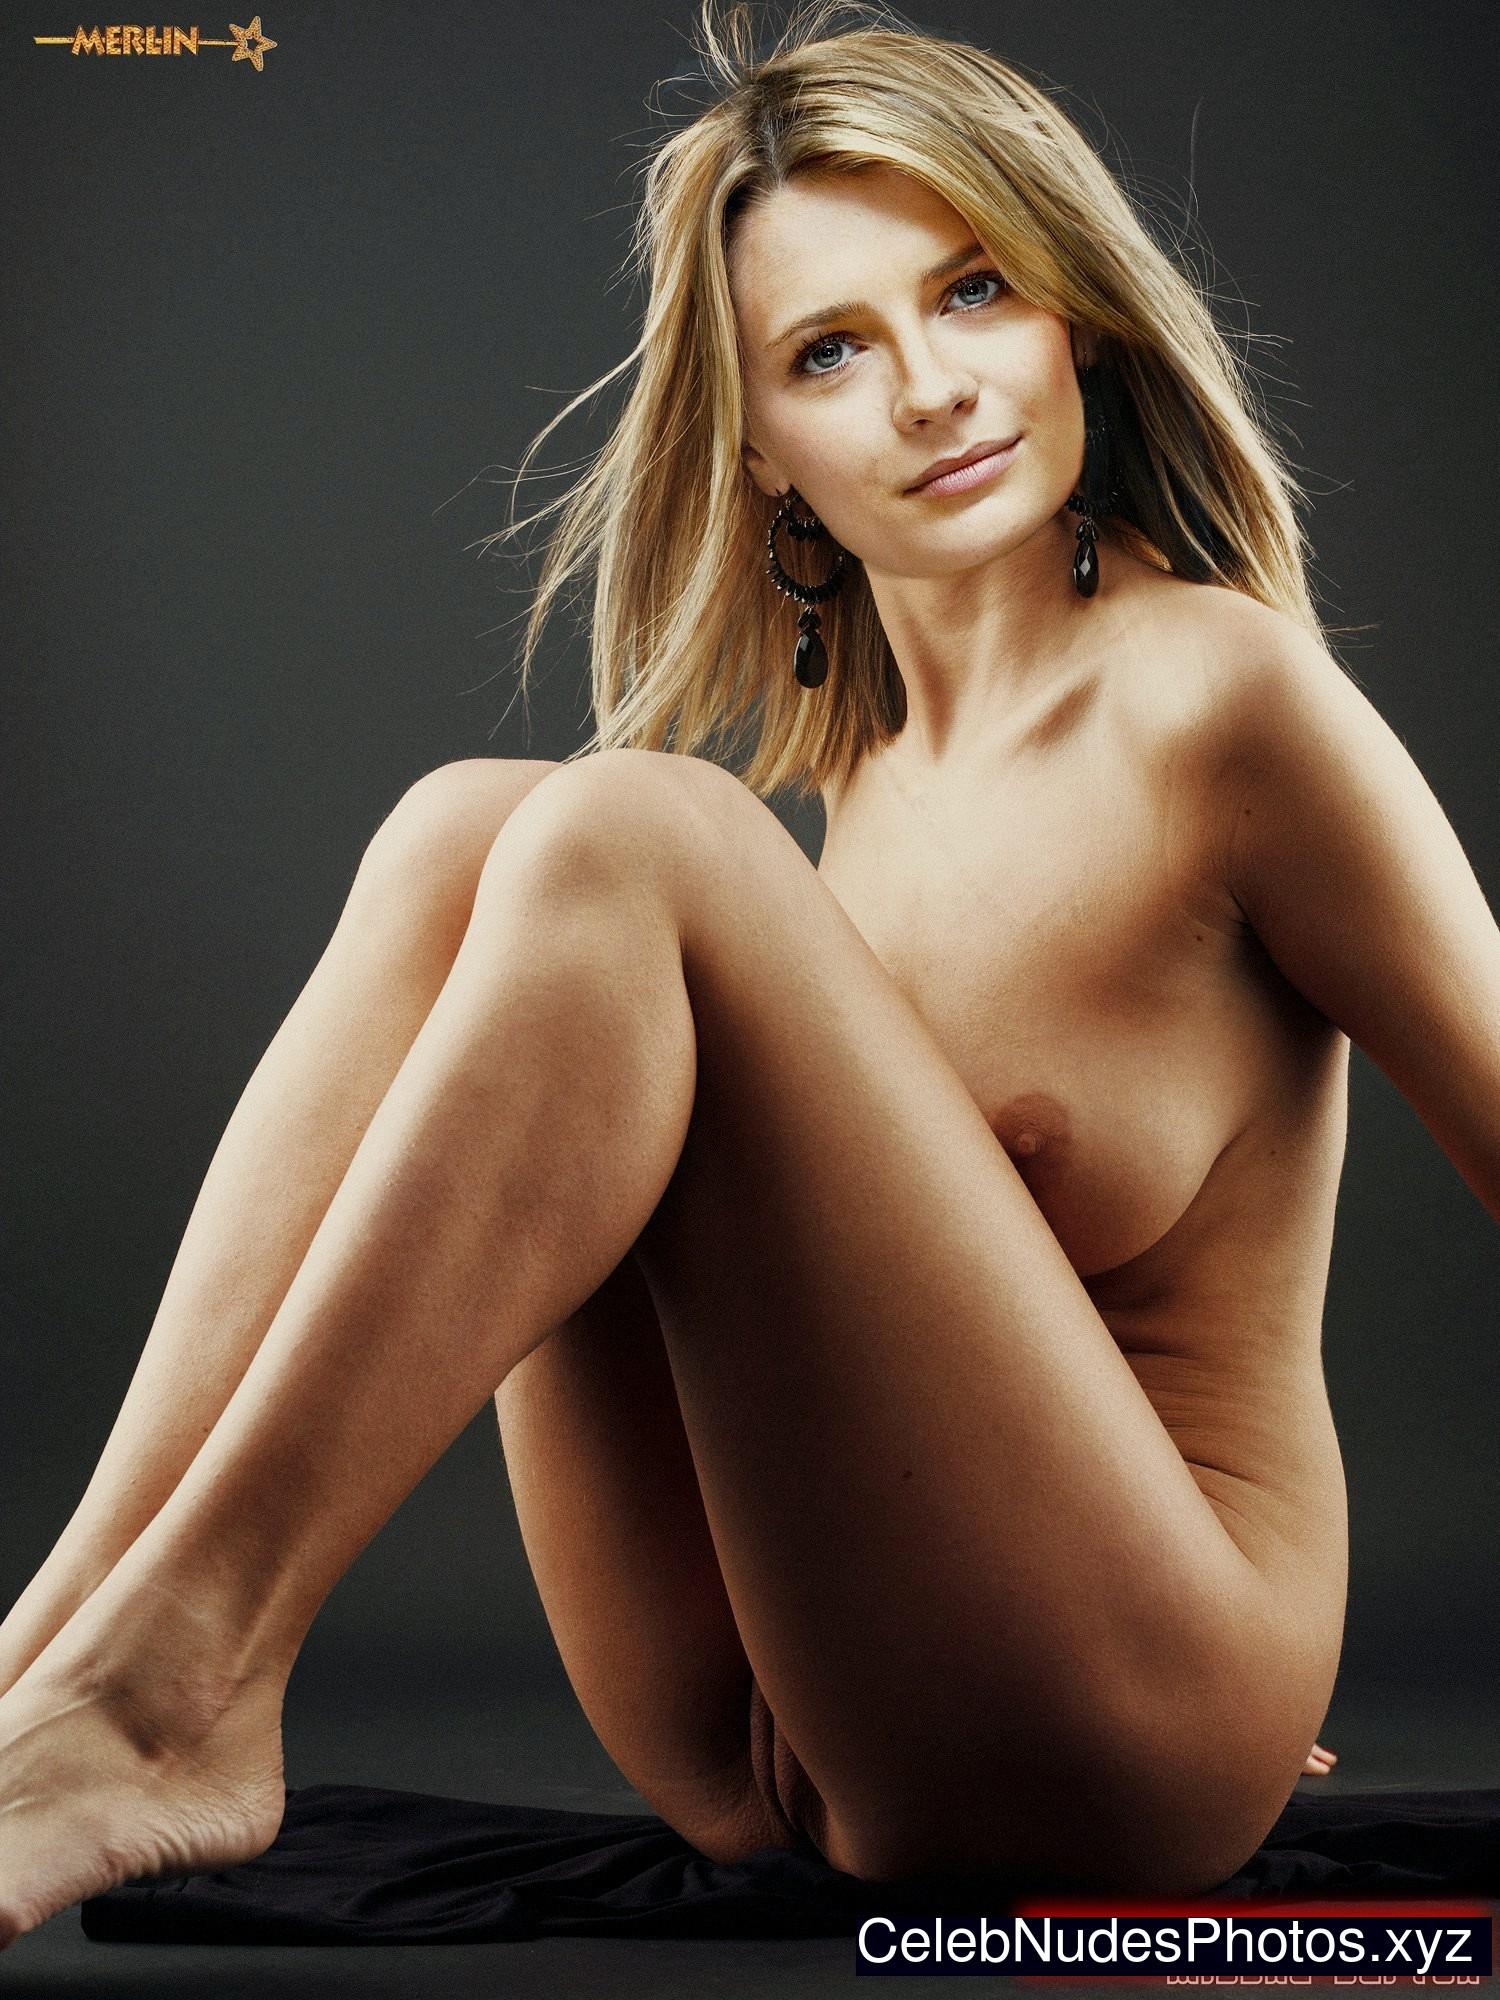 mischa barton leaked nudes